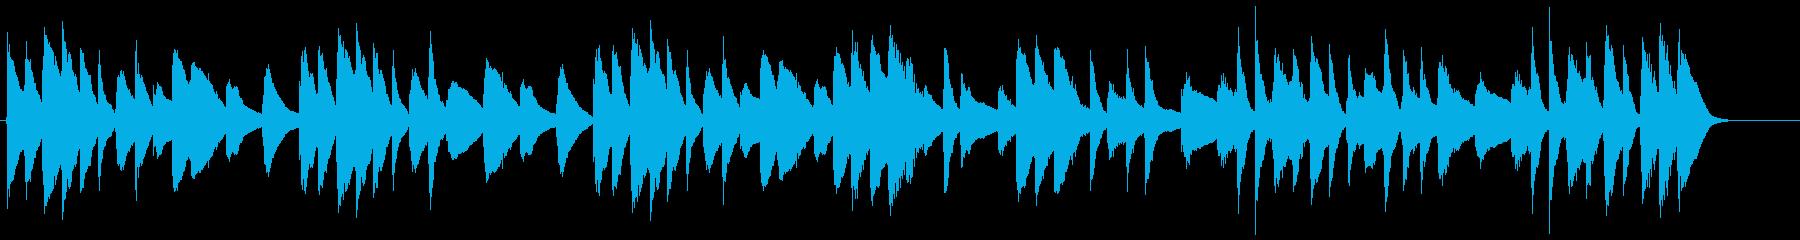 ネットCM 30秒 マリンバ 日常の再生済みの波形